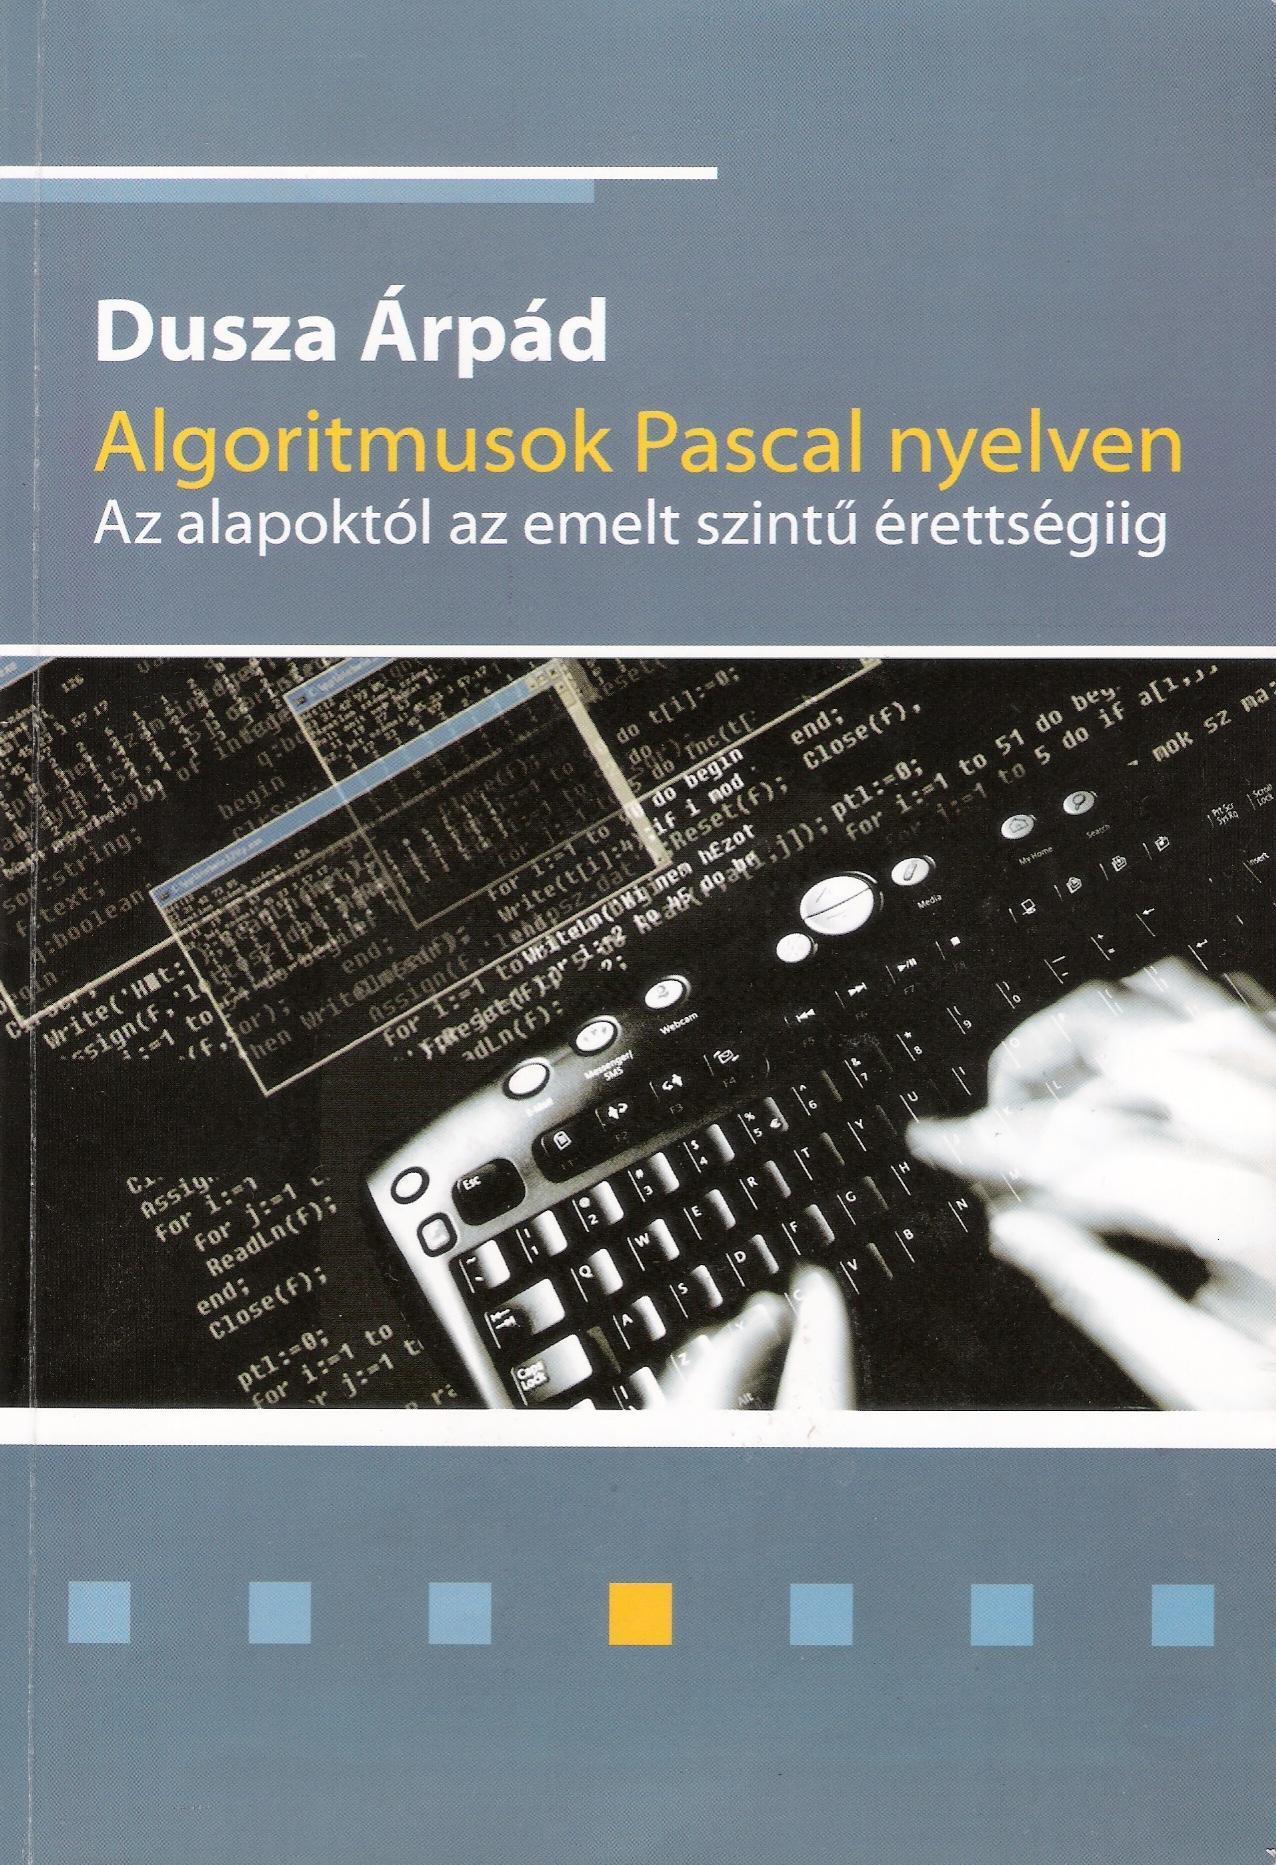 Dusza Árpád – Algoritmusok Pascal nyelven – Az alapoktól az emelt szintű érettségiig